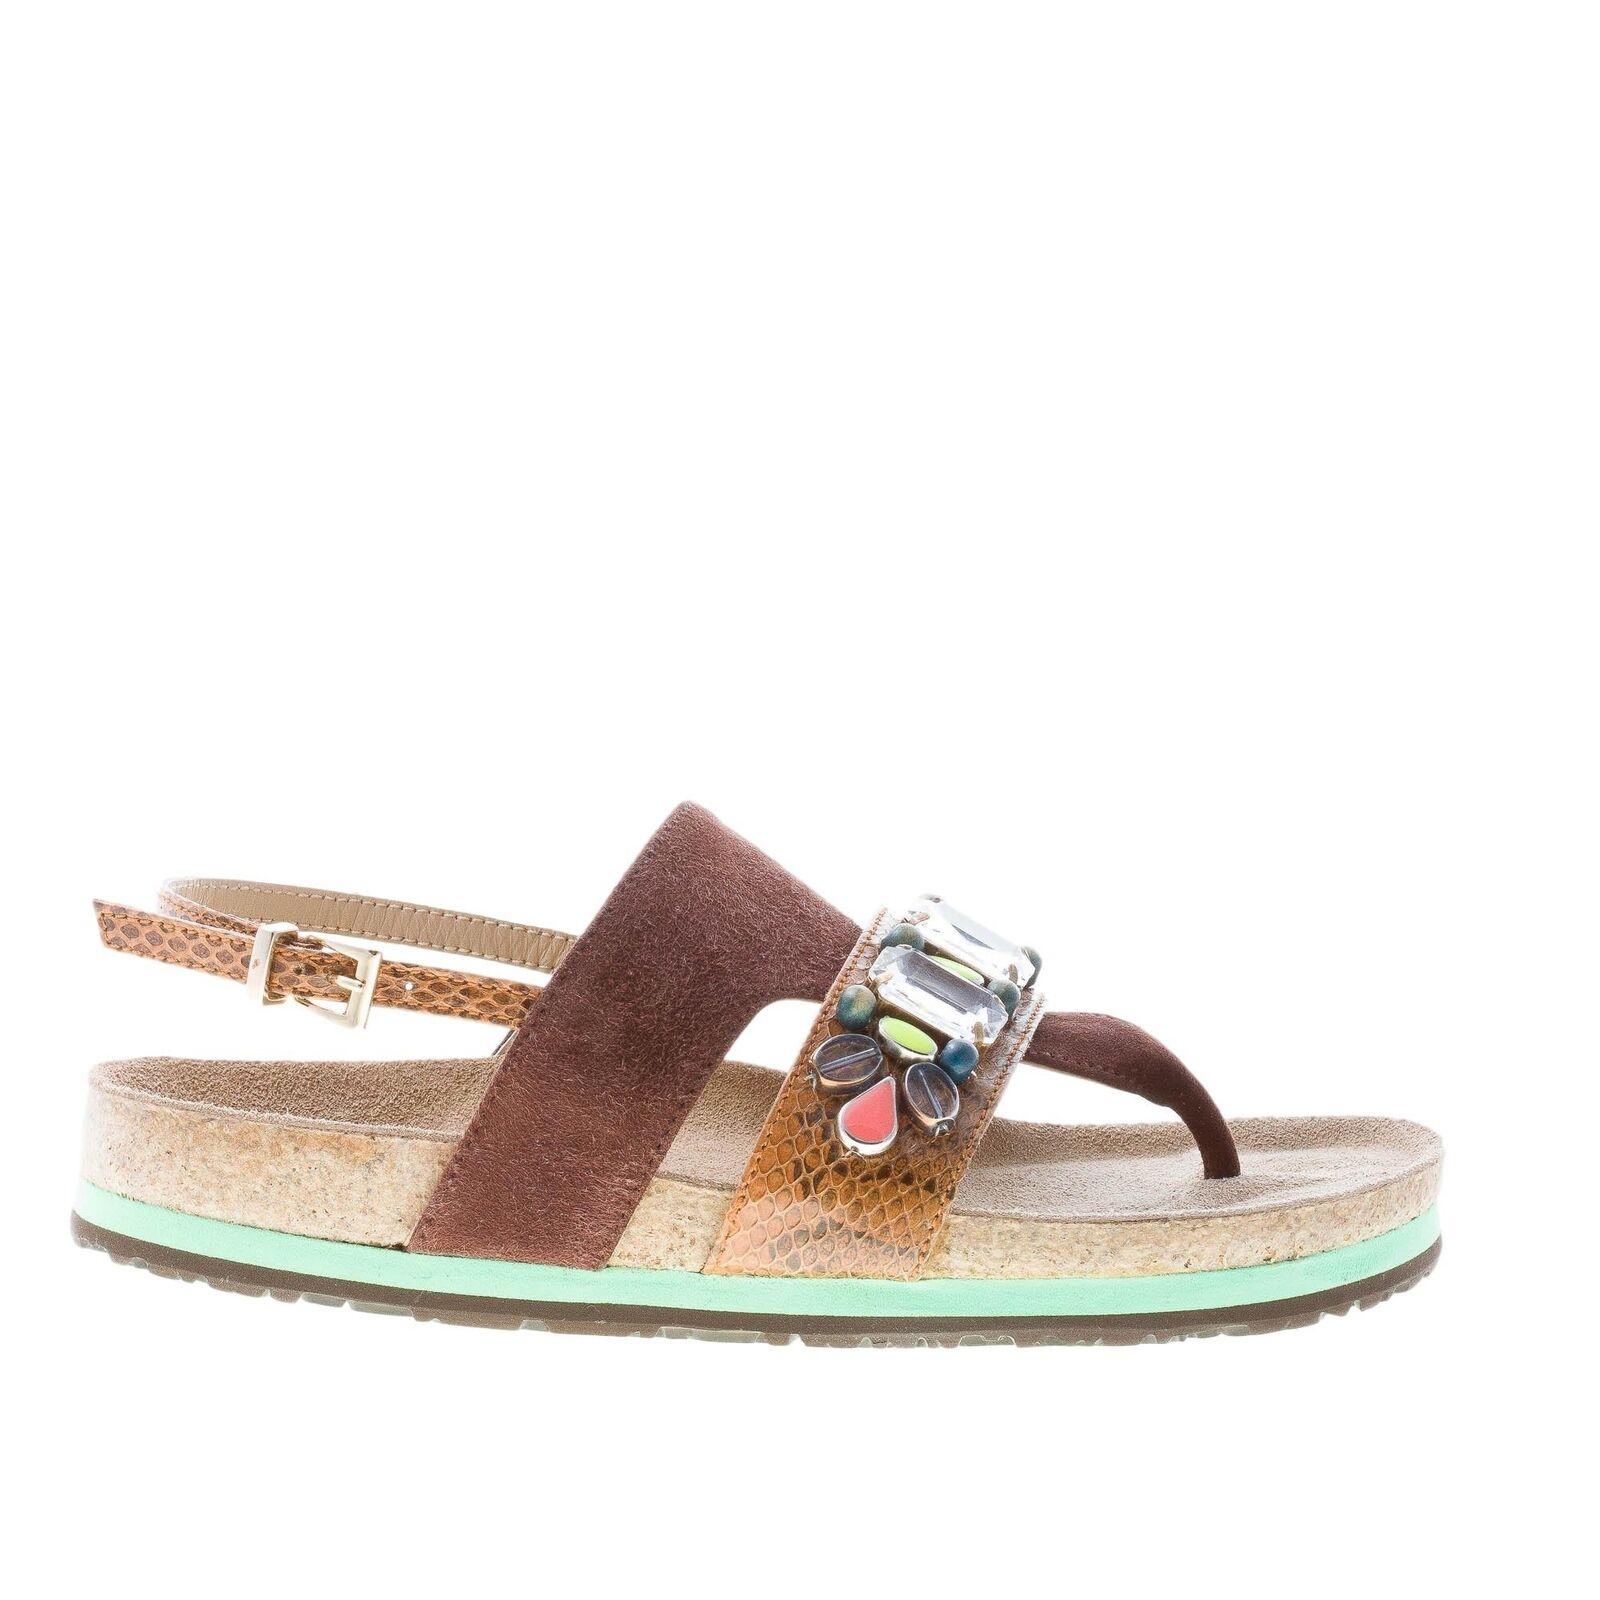 Zapatos de mujer mali'parmi infrabijoux Gamuza Marrón Sandalia de tanga tanga tanga con piedras de Colors  Nuevos productos de artículos novedosos.